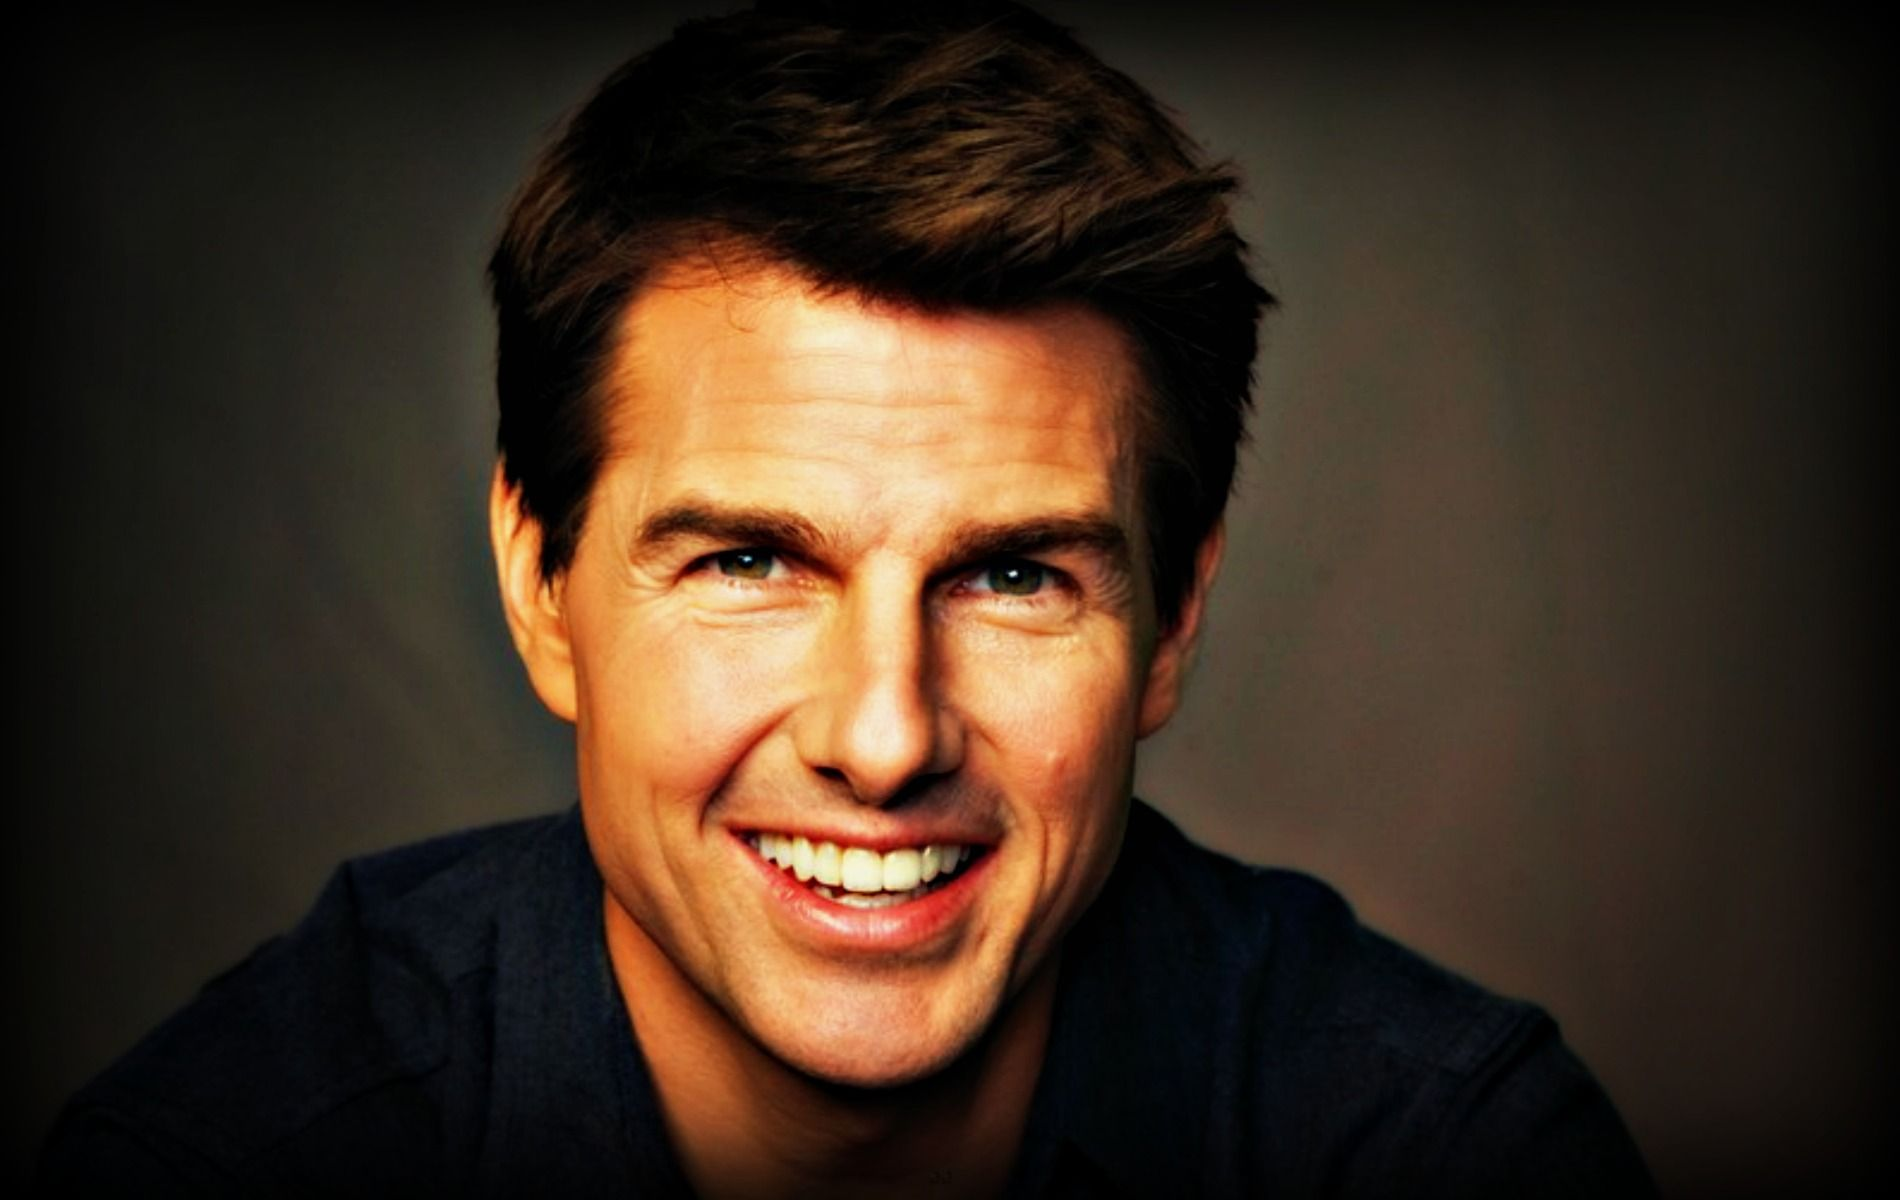 Tom Cruise Desktop Background #TomCruiseHDWallpapers